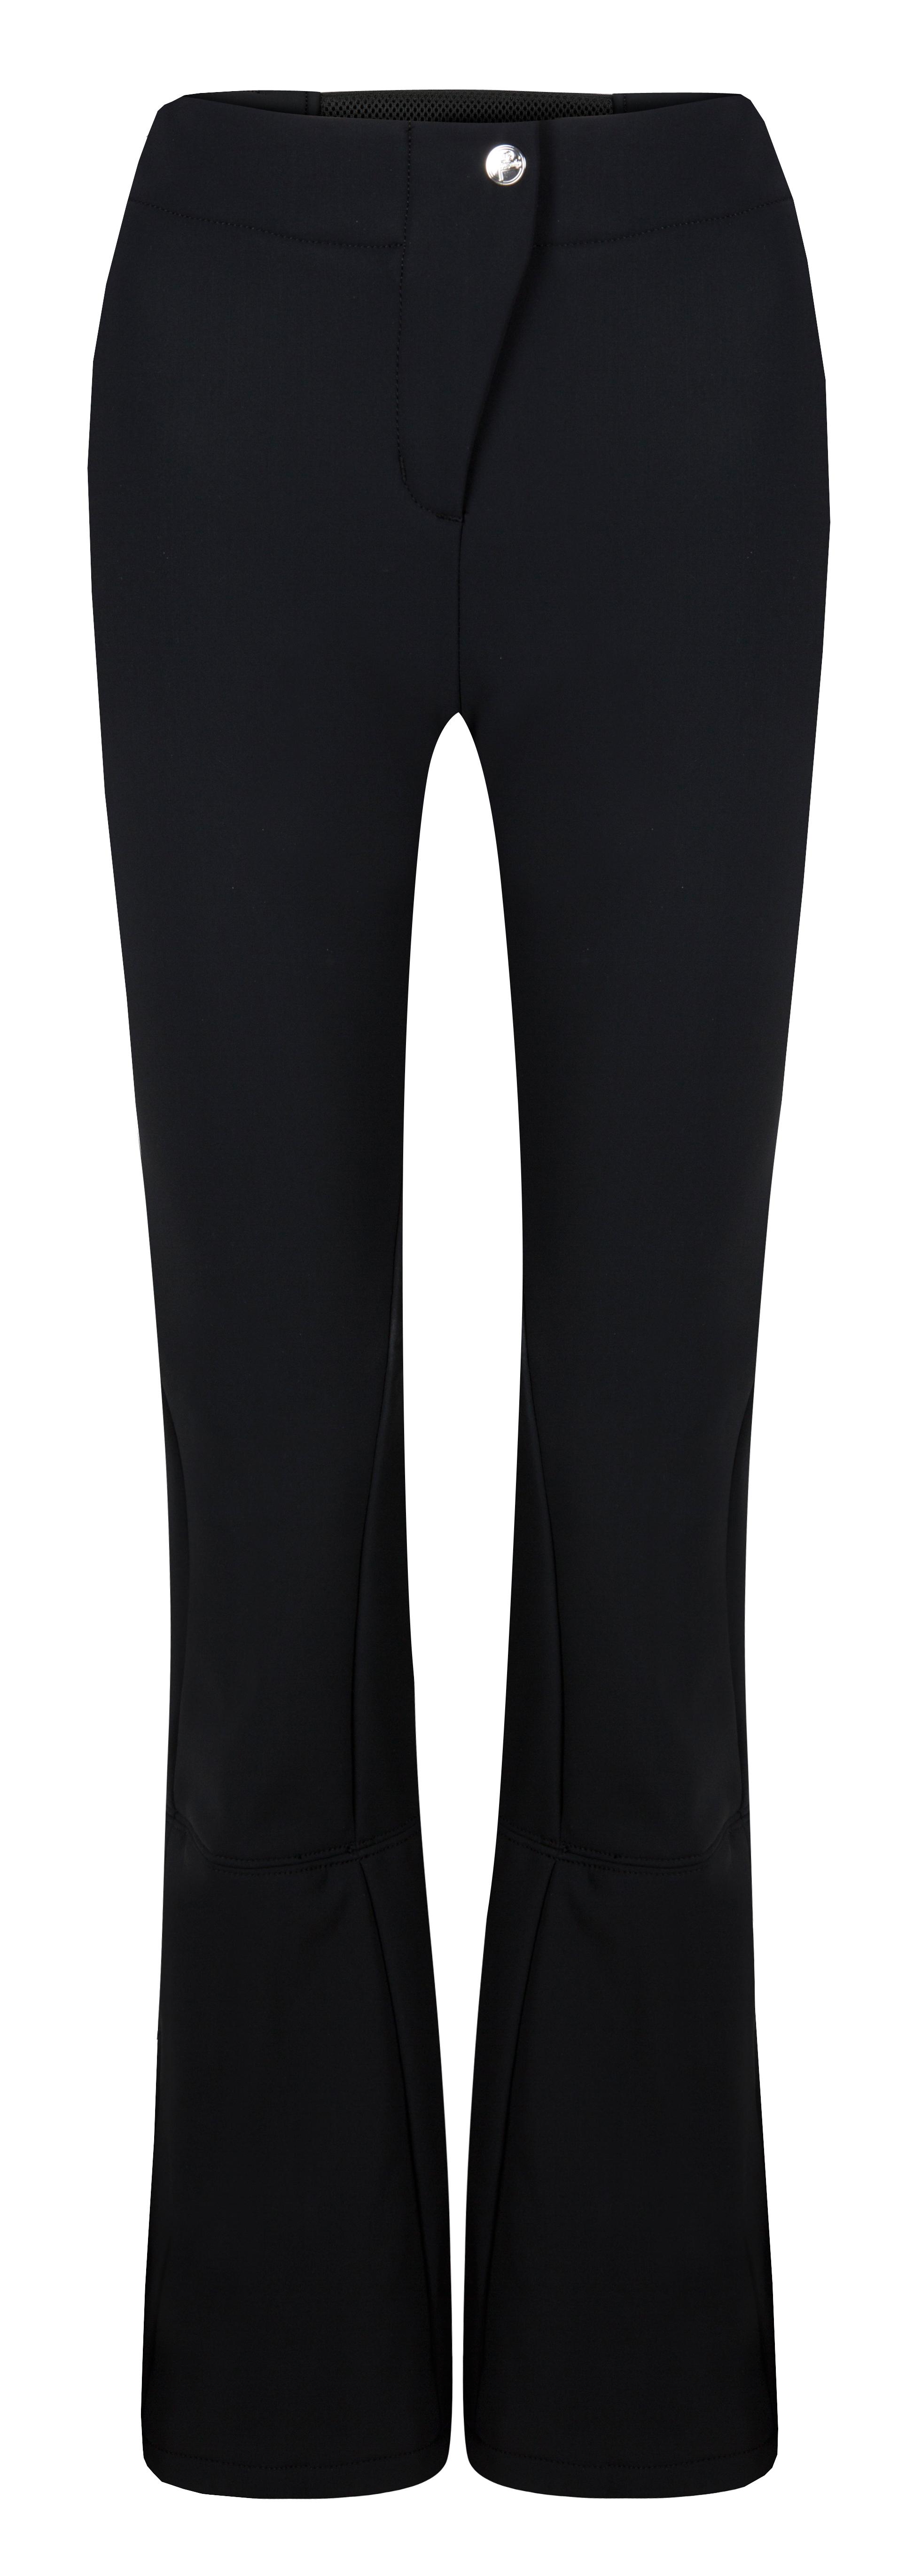 Fusalp's Tipi II black ski pant